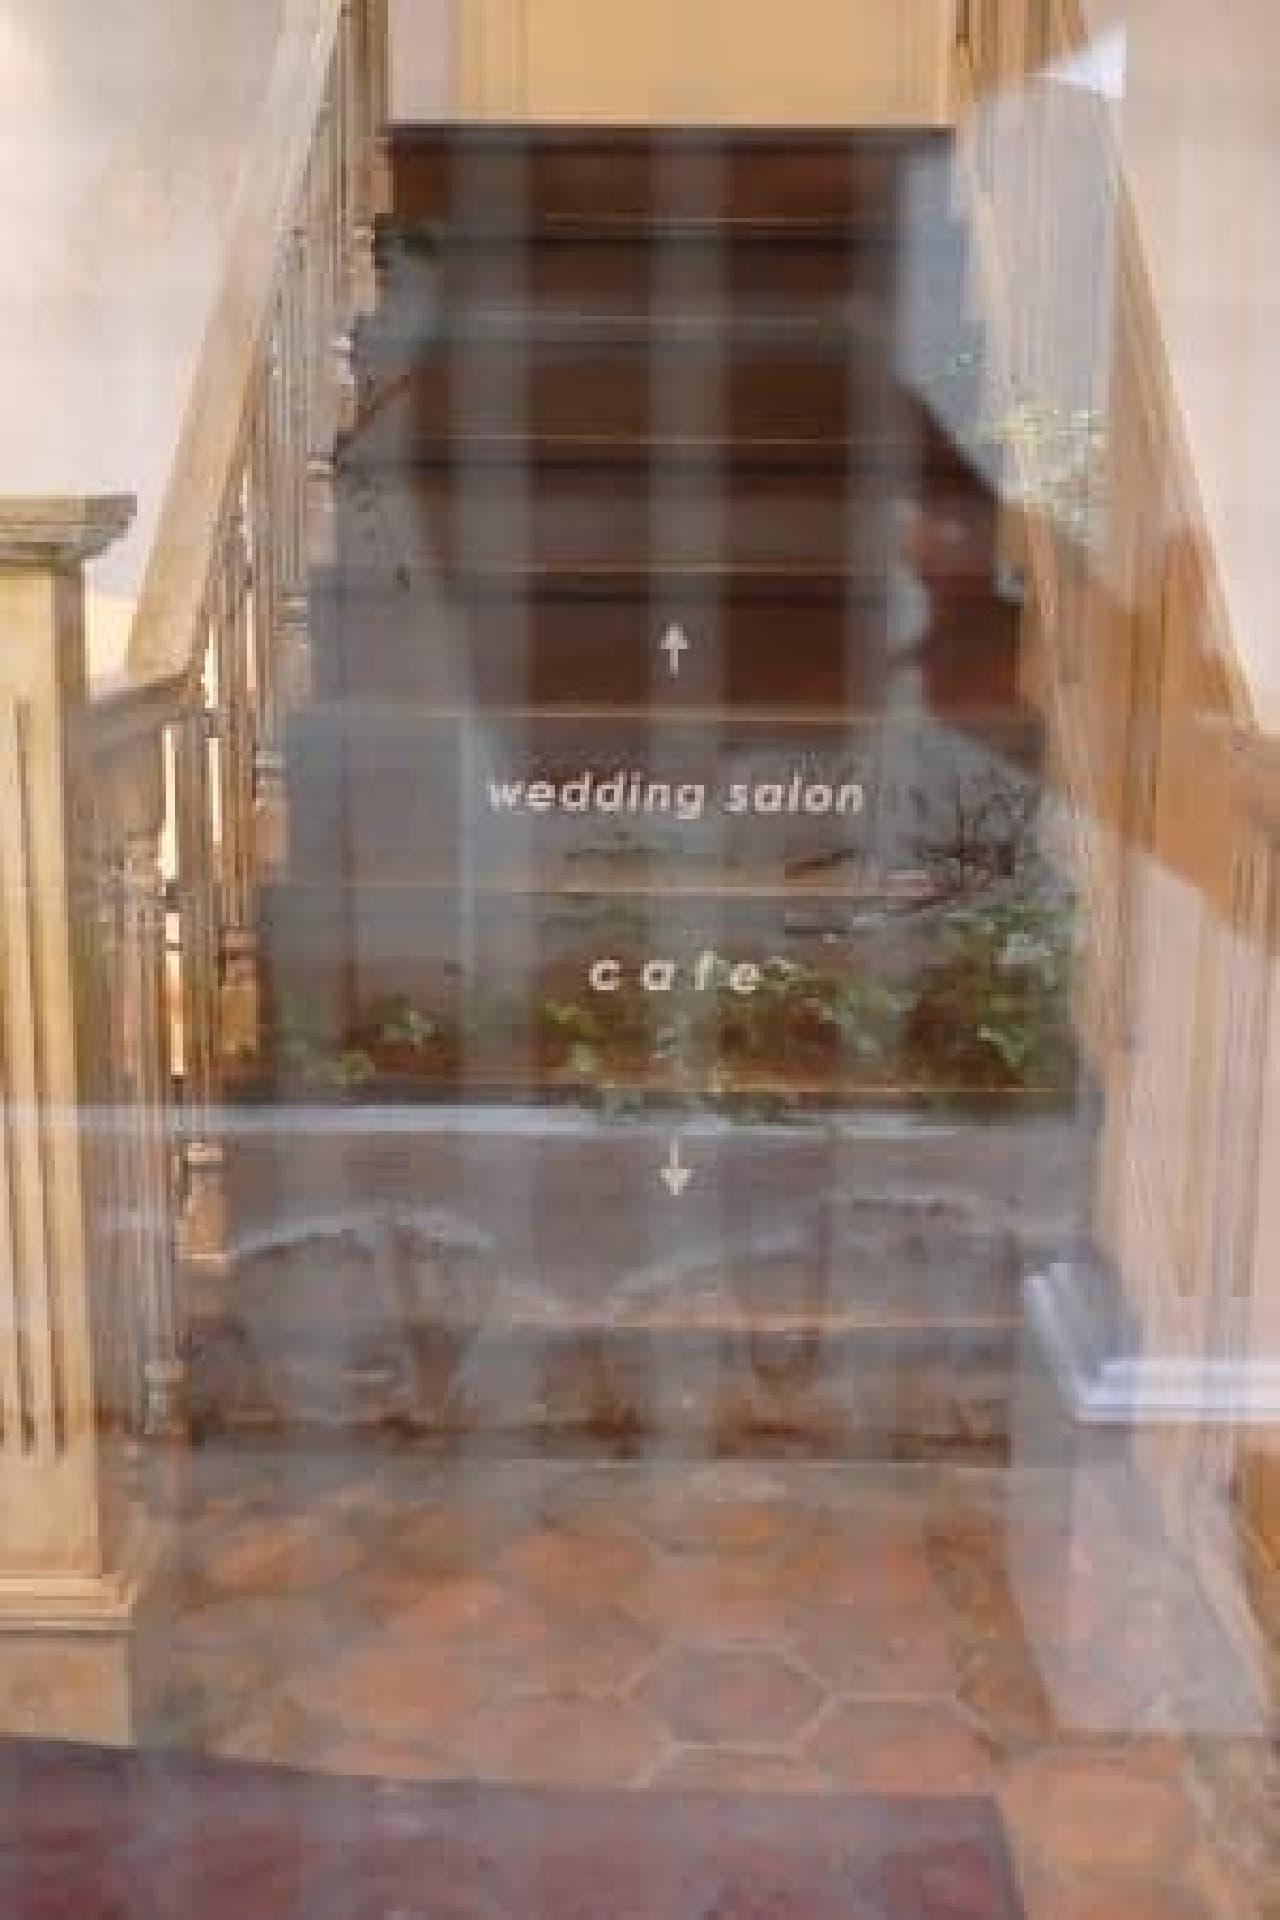 wedding という文字に緊張…